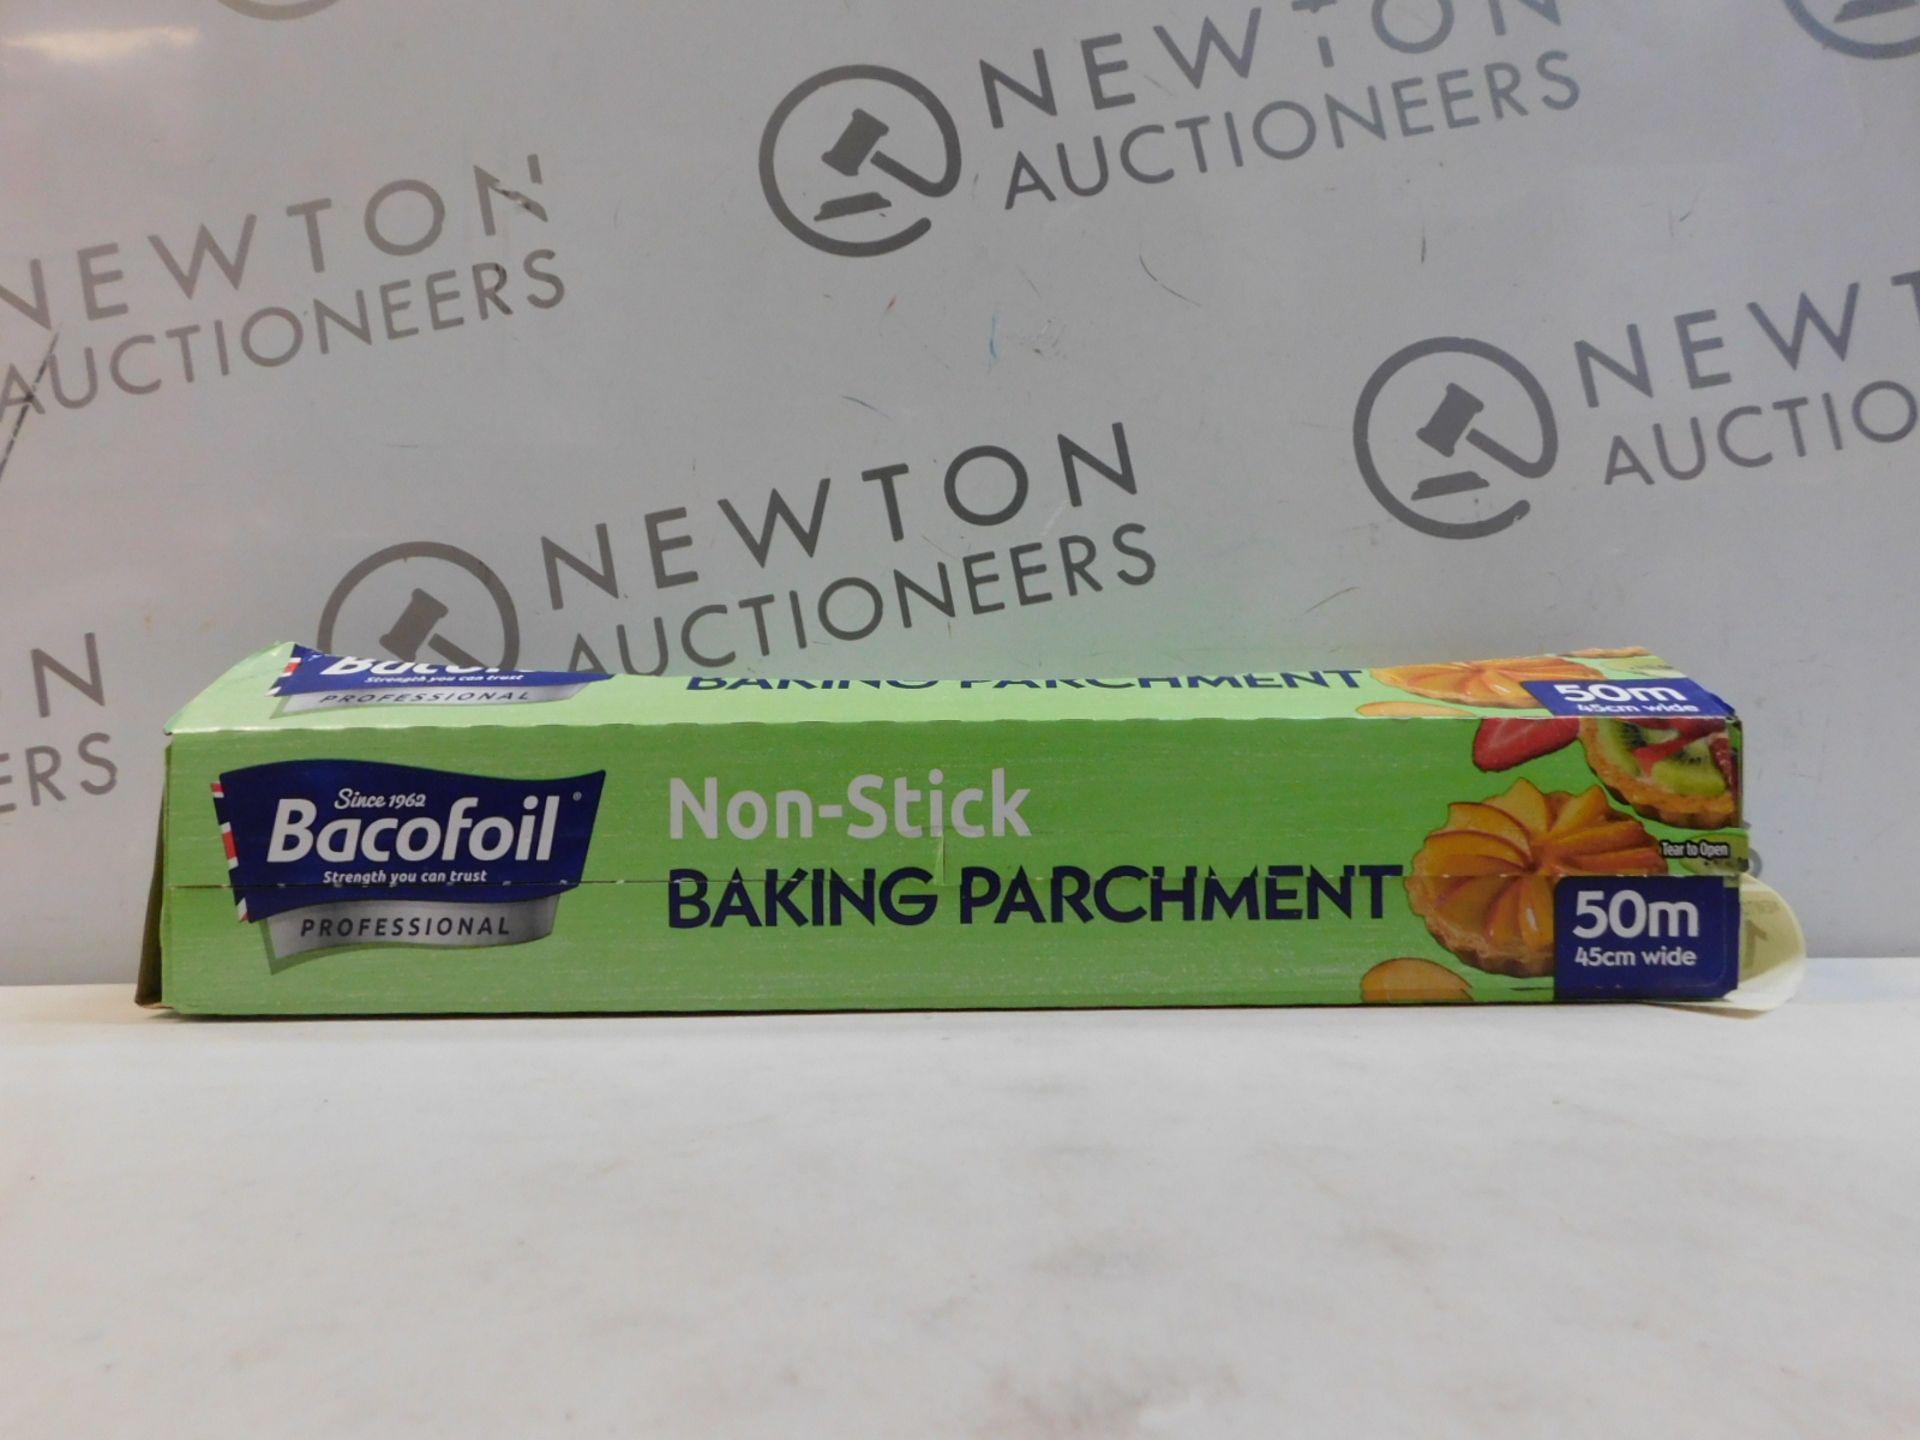 1 BOXED BACOFOIL NON STICK BAKING PARCHMENT RRP £29.99